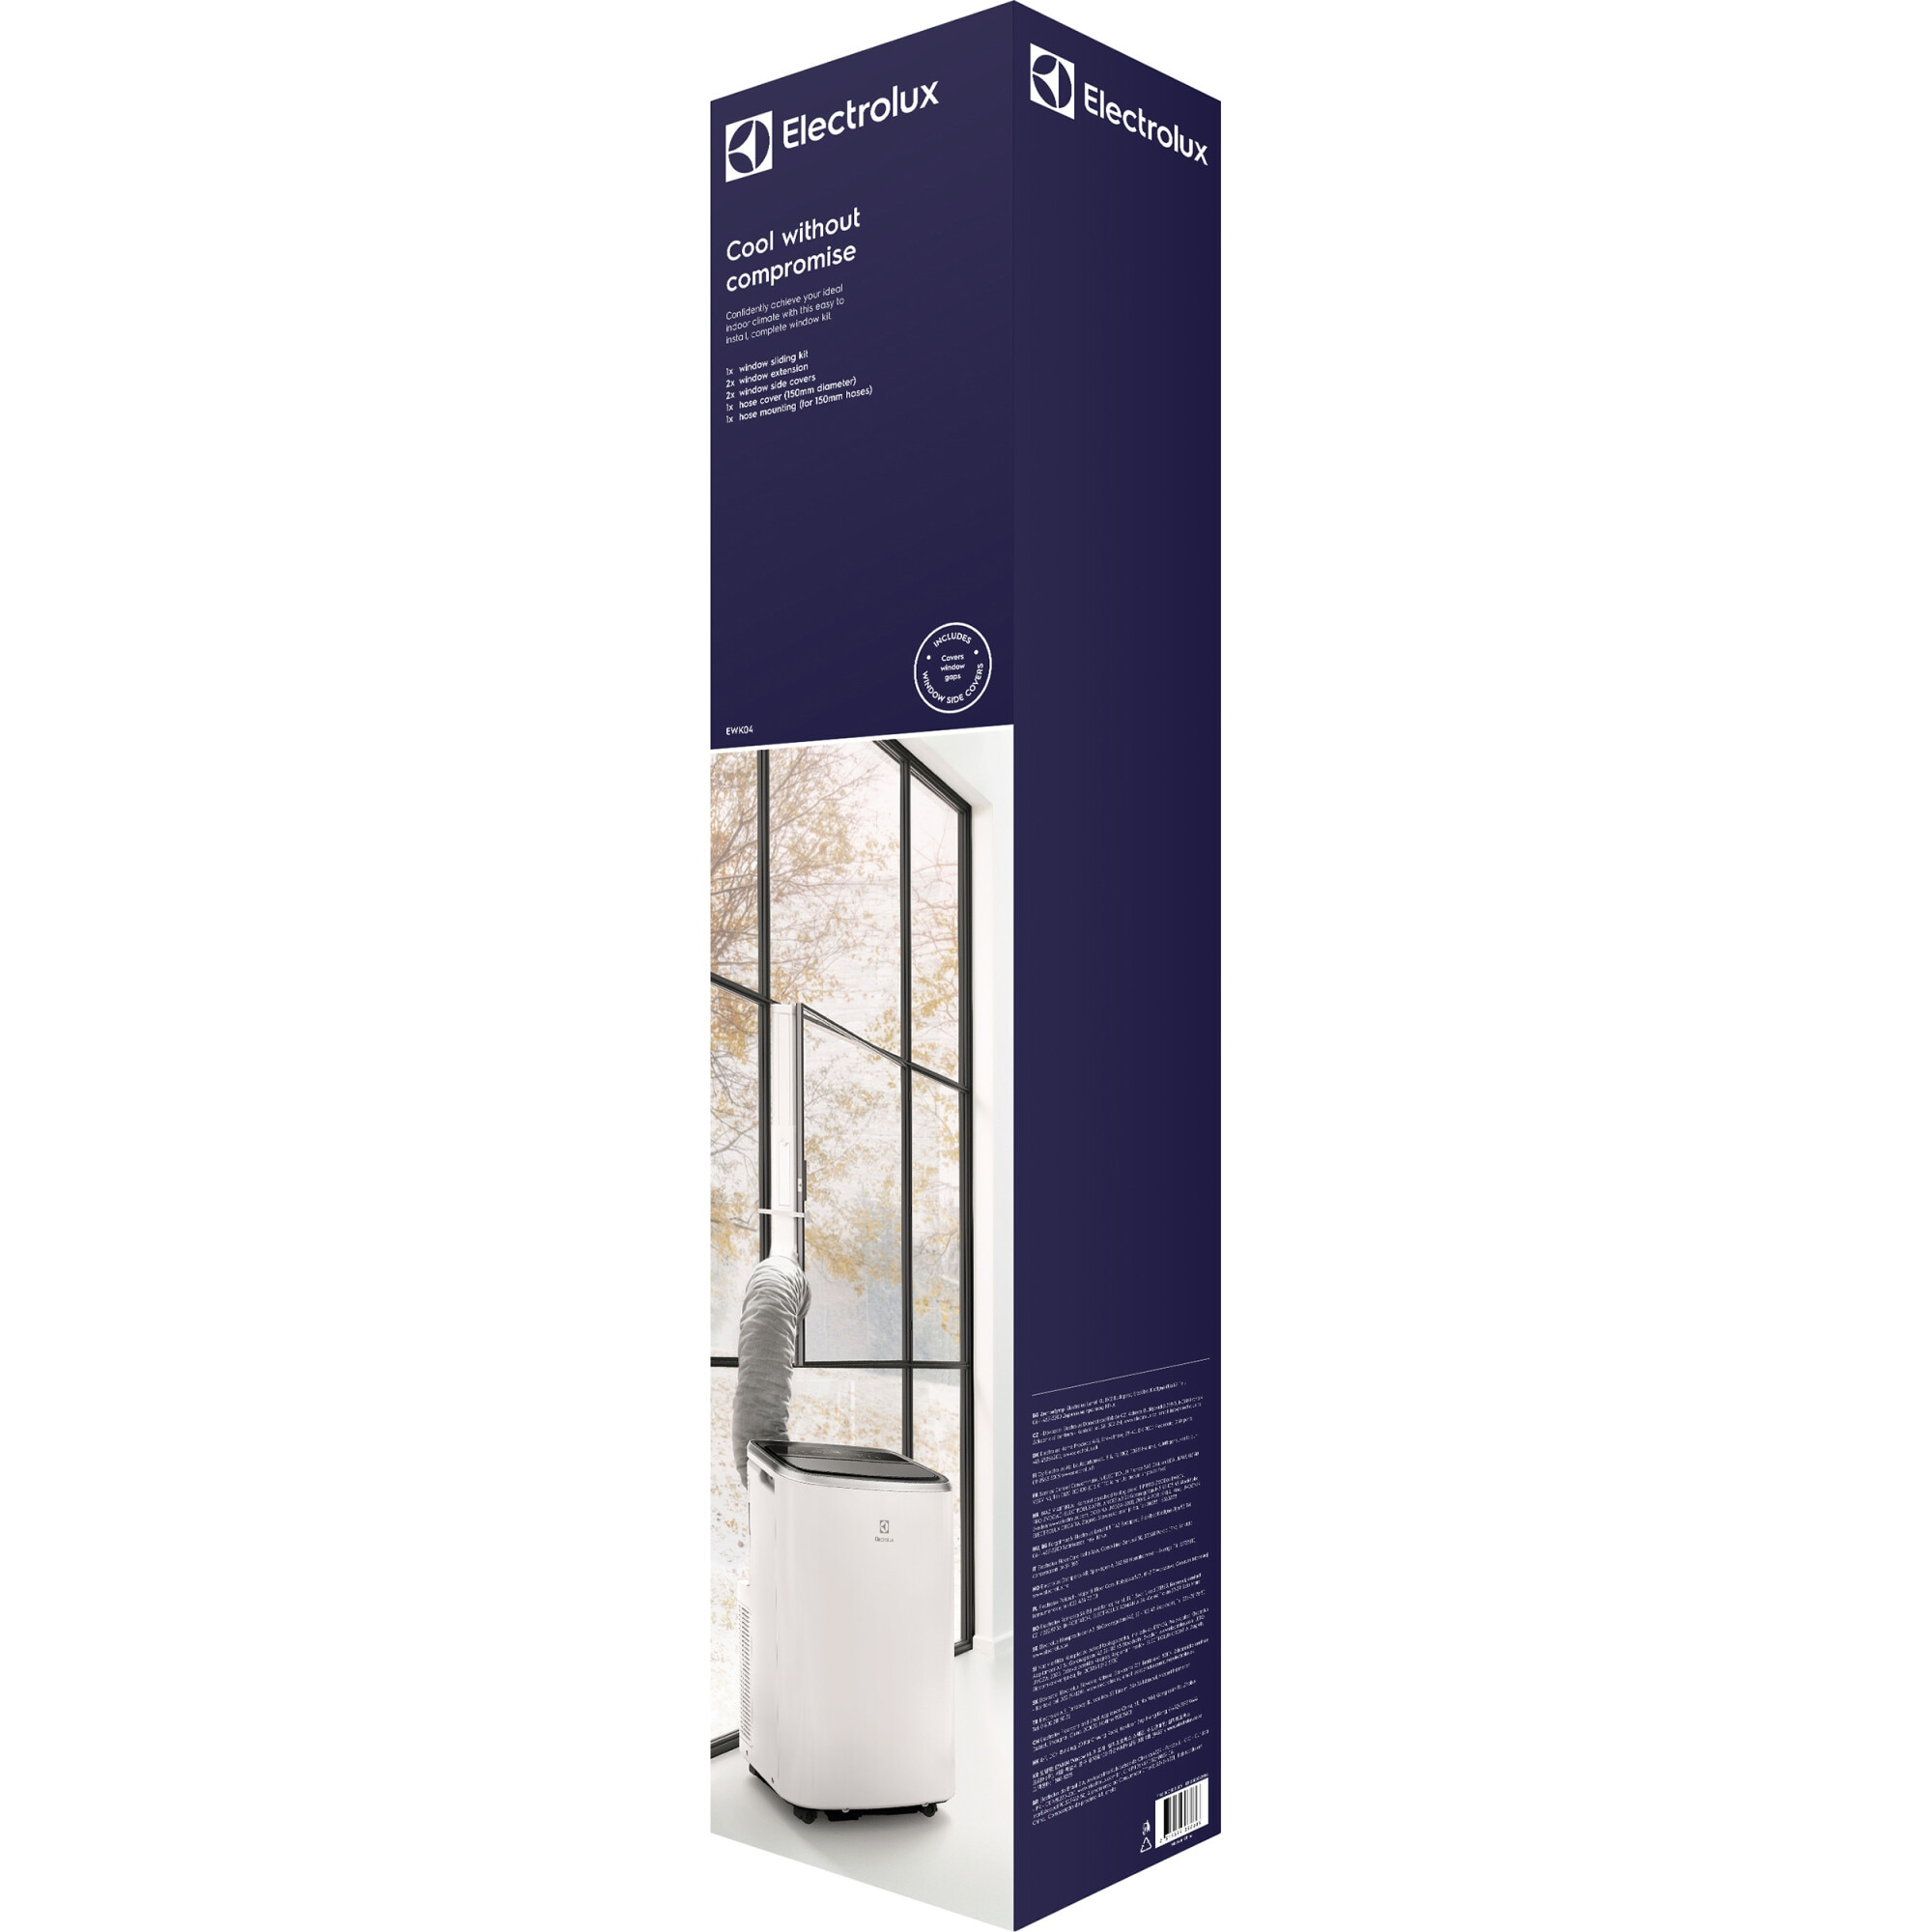 Fotografie Kit fereastra premium EWK04 Electrolux pentru aparate aer conditionat portabil - pentru orice model cu diametru evacuare 150 mm